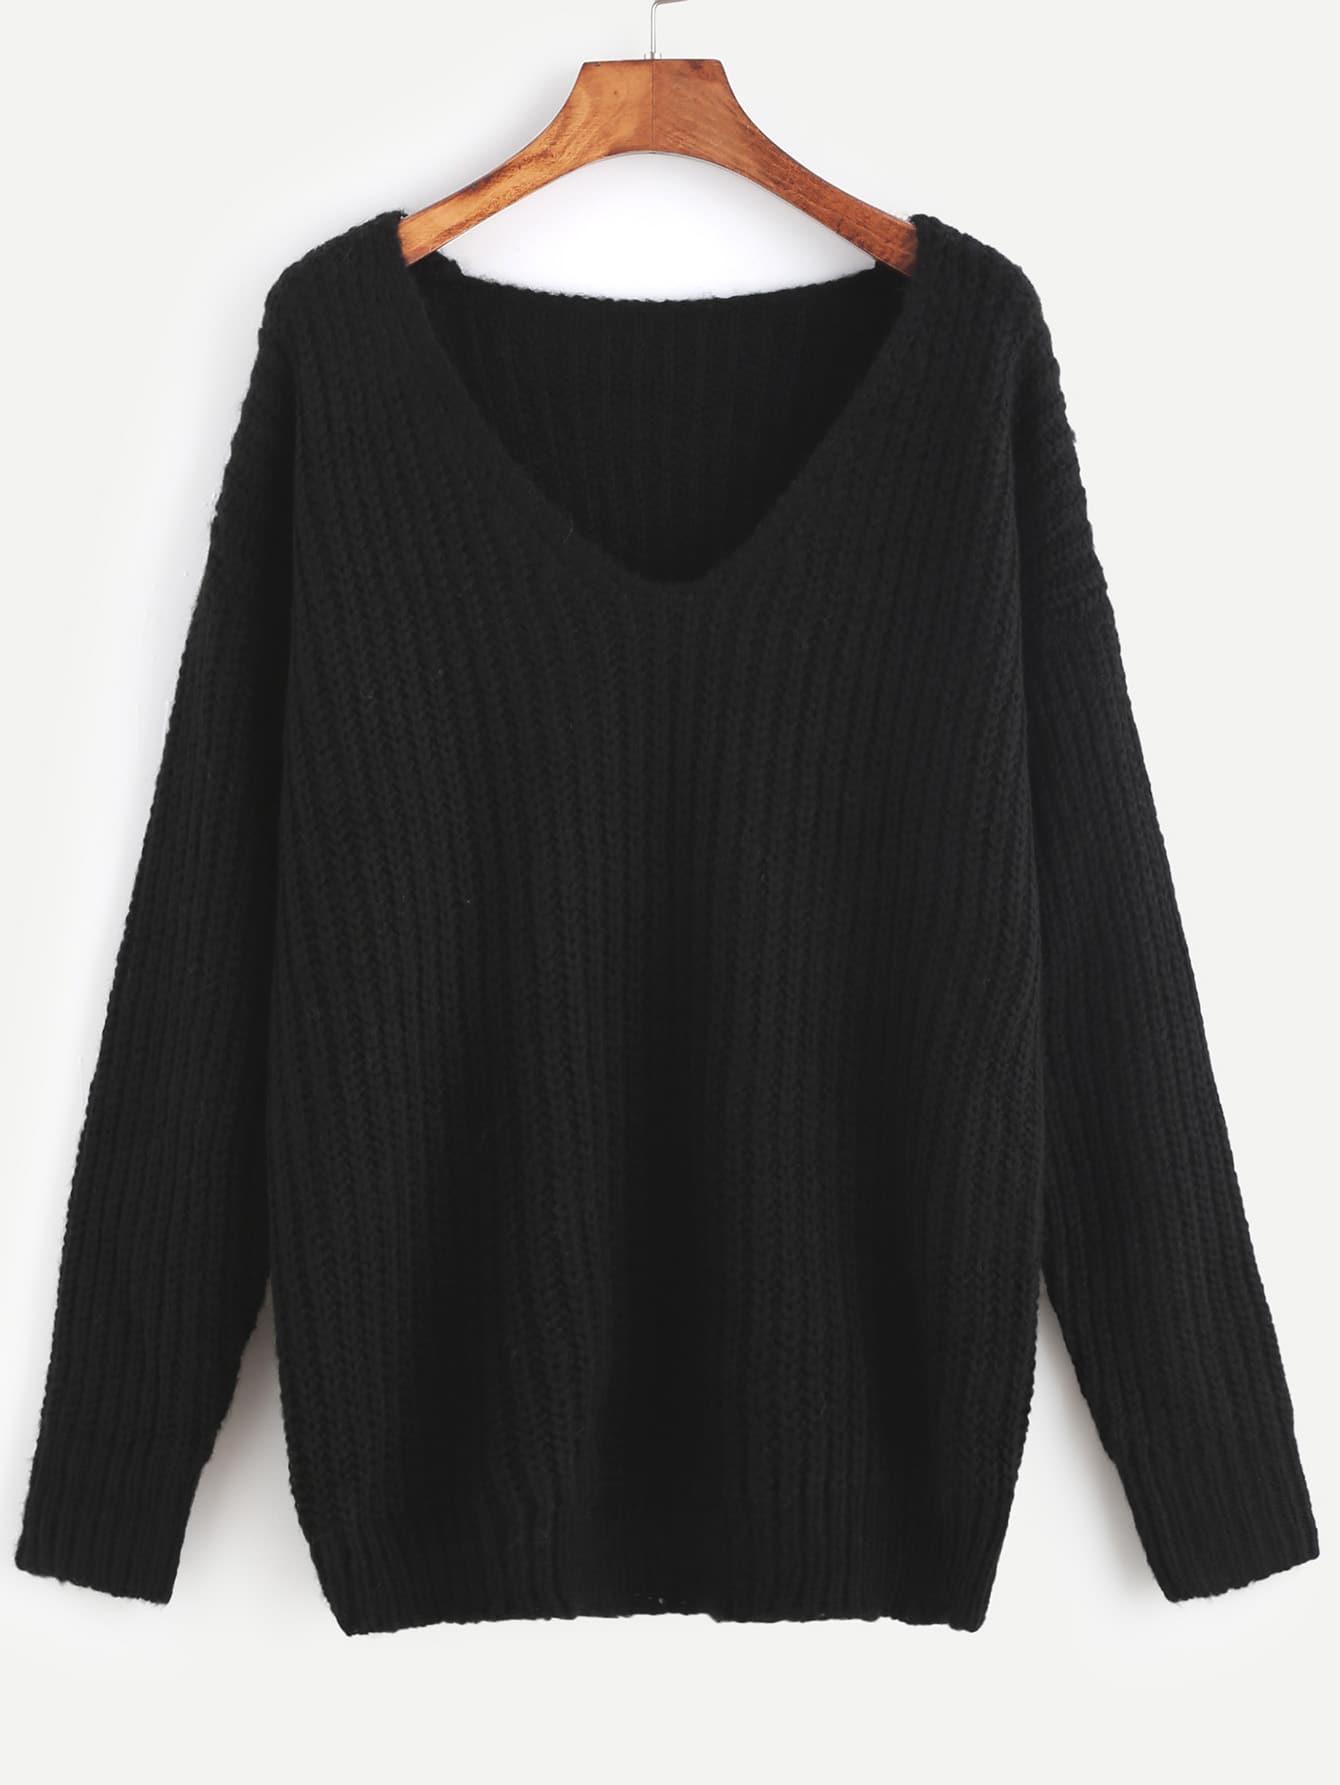 Black Ribbed Knit V Neck Drop Shoulder Sweater